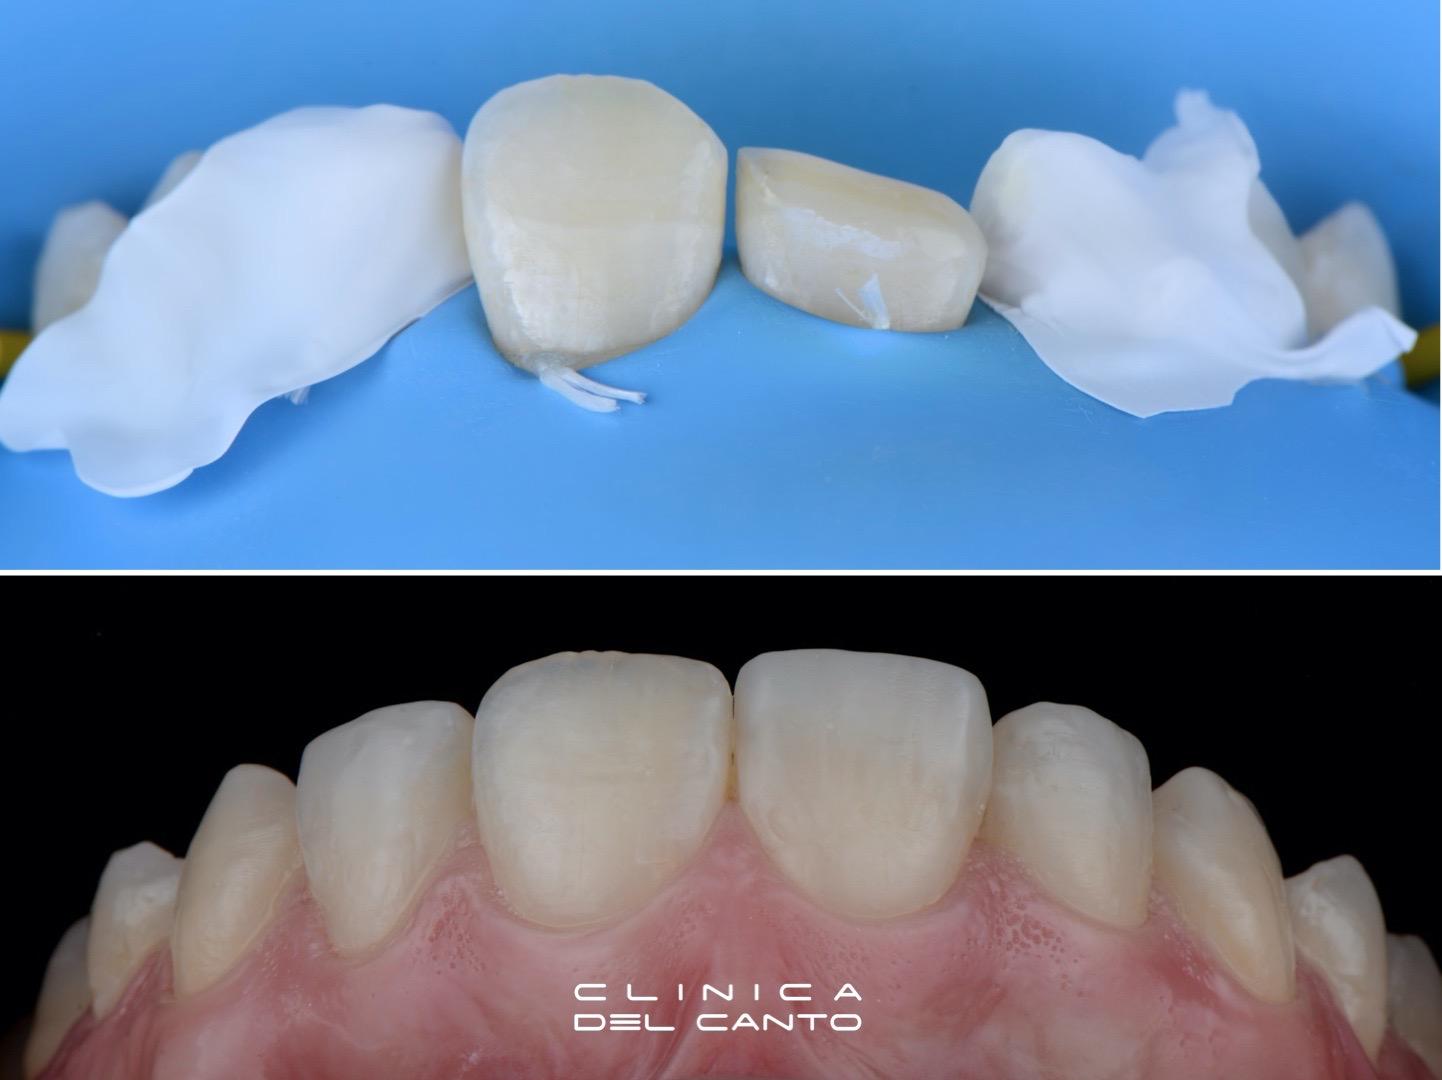 Restauraciones dentales - Clínica del Canto